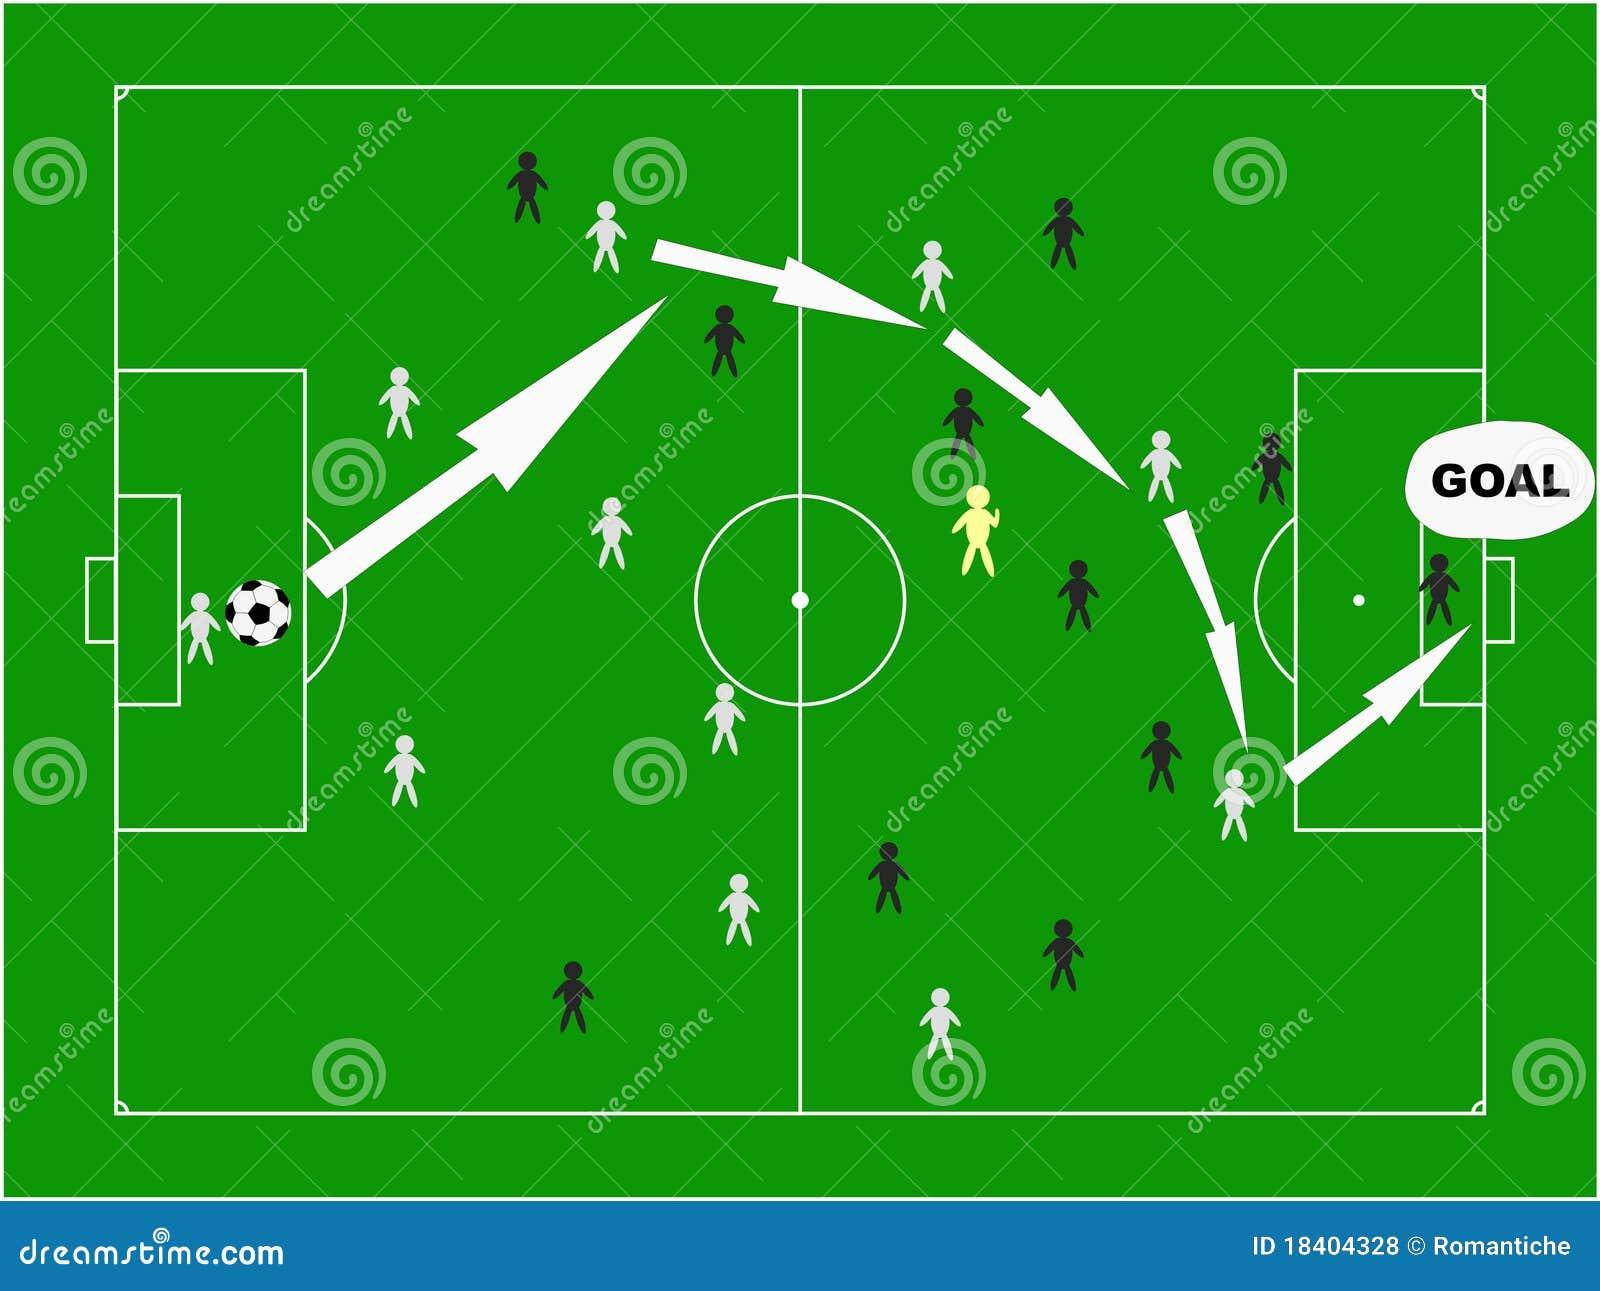 ставки стратегия игры на футбол